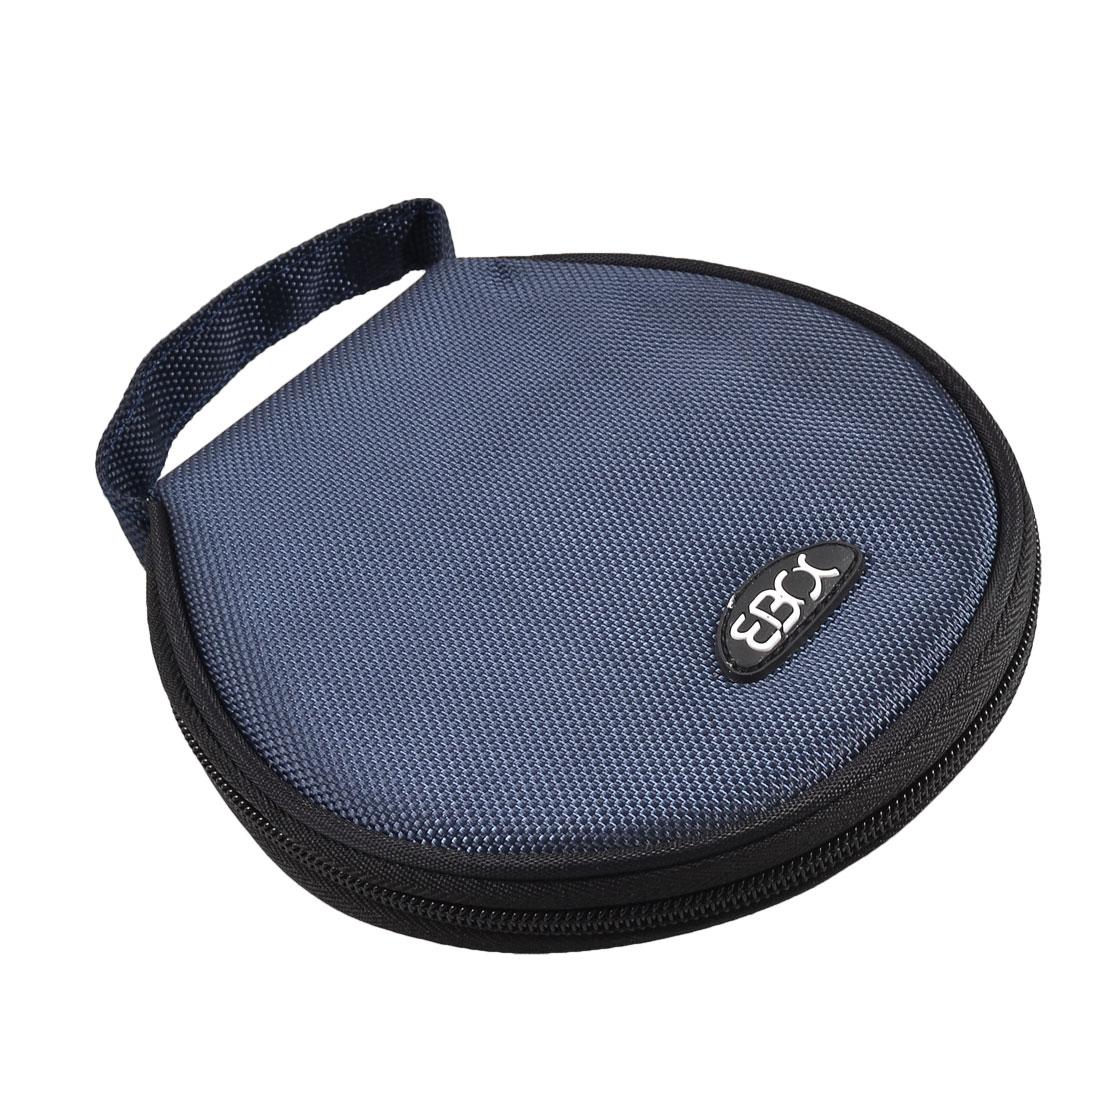 Blue Black Nylon Hand Carry Round CD Holder Bag for 20 CD Discs